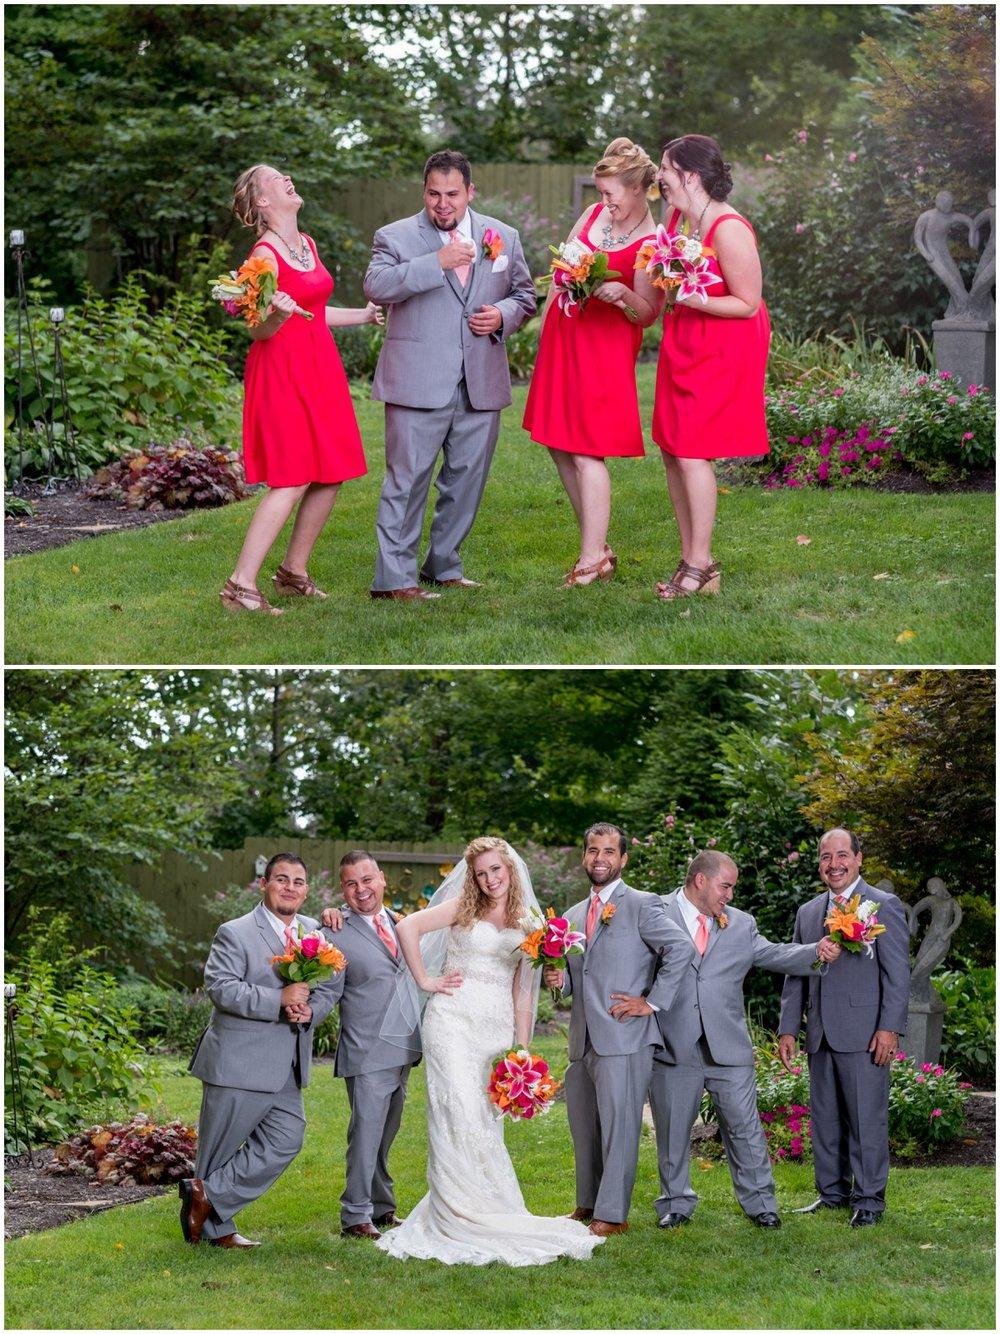 avon-gardens-wedding-pictures-010.jpg